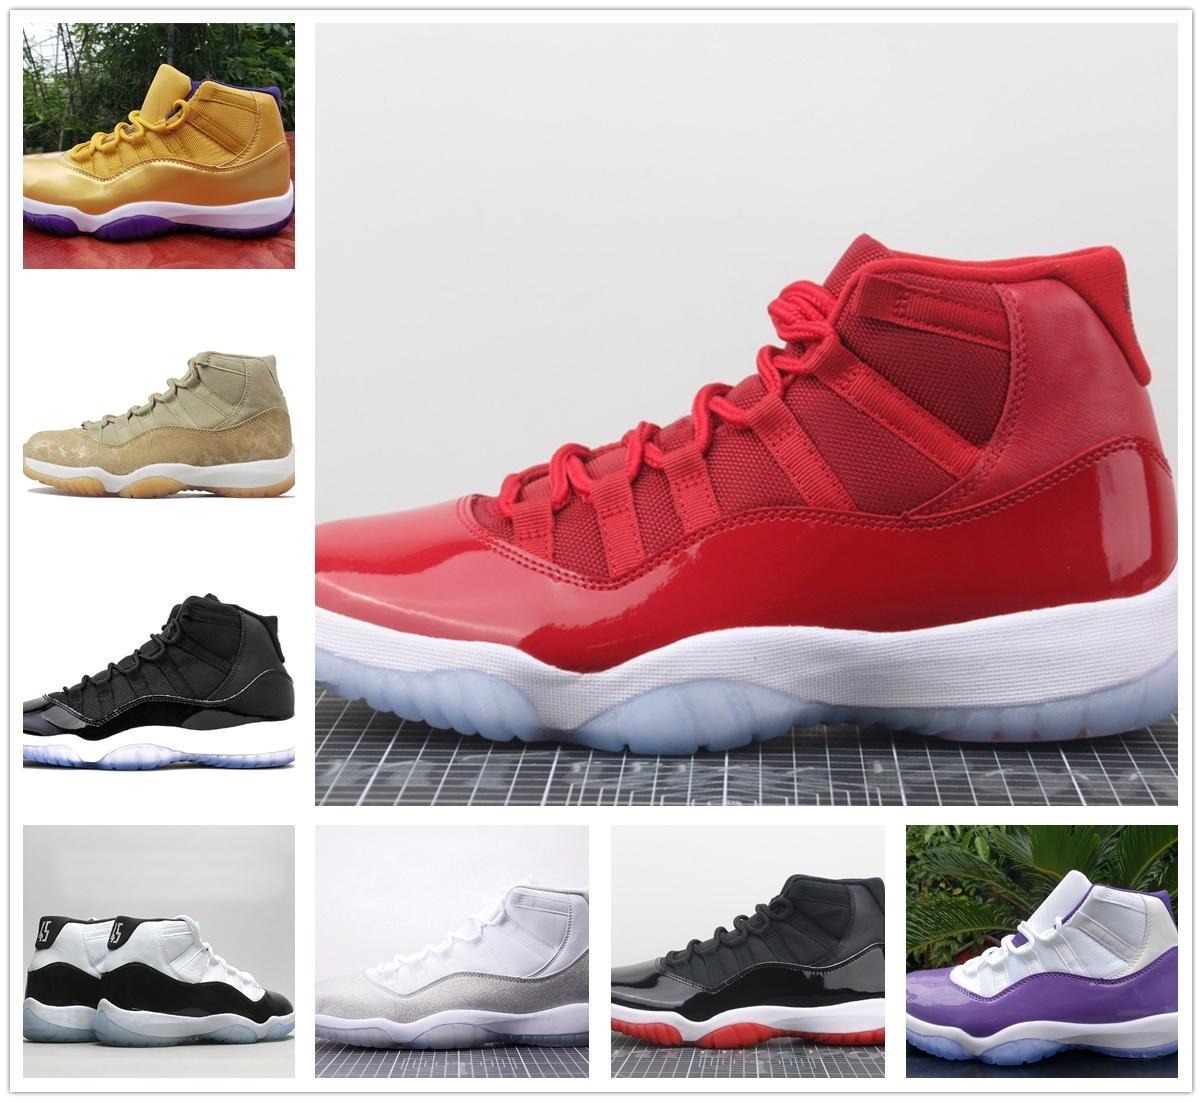 Gli spazi versione Top fabbrica Jumpman Confetture 11s Xi 11 Mens scarpe da basket donne Gamma Blu Gs Bred Concord Sport Sneakers con la scatola